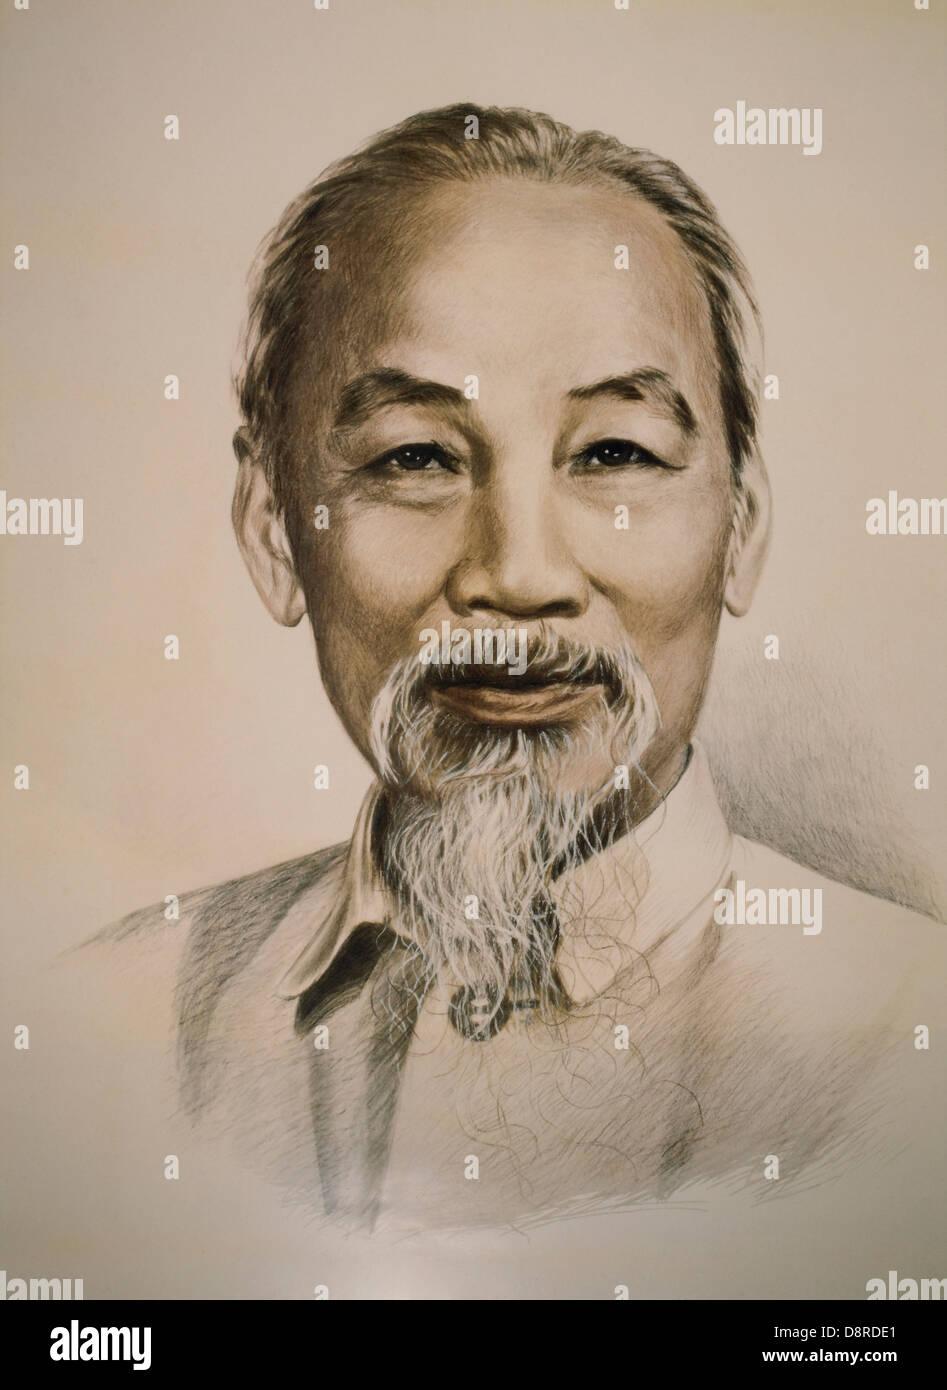 Ho Chi Minh (1890-1969), líder nacionalista vietnamita, Retrato Imagen De Stock